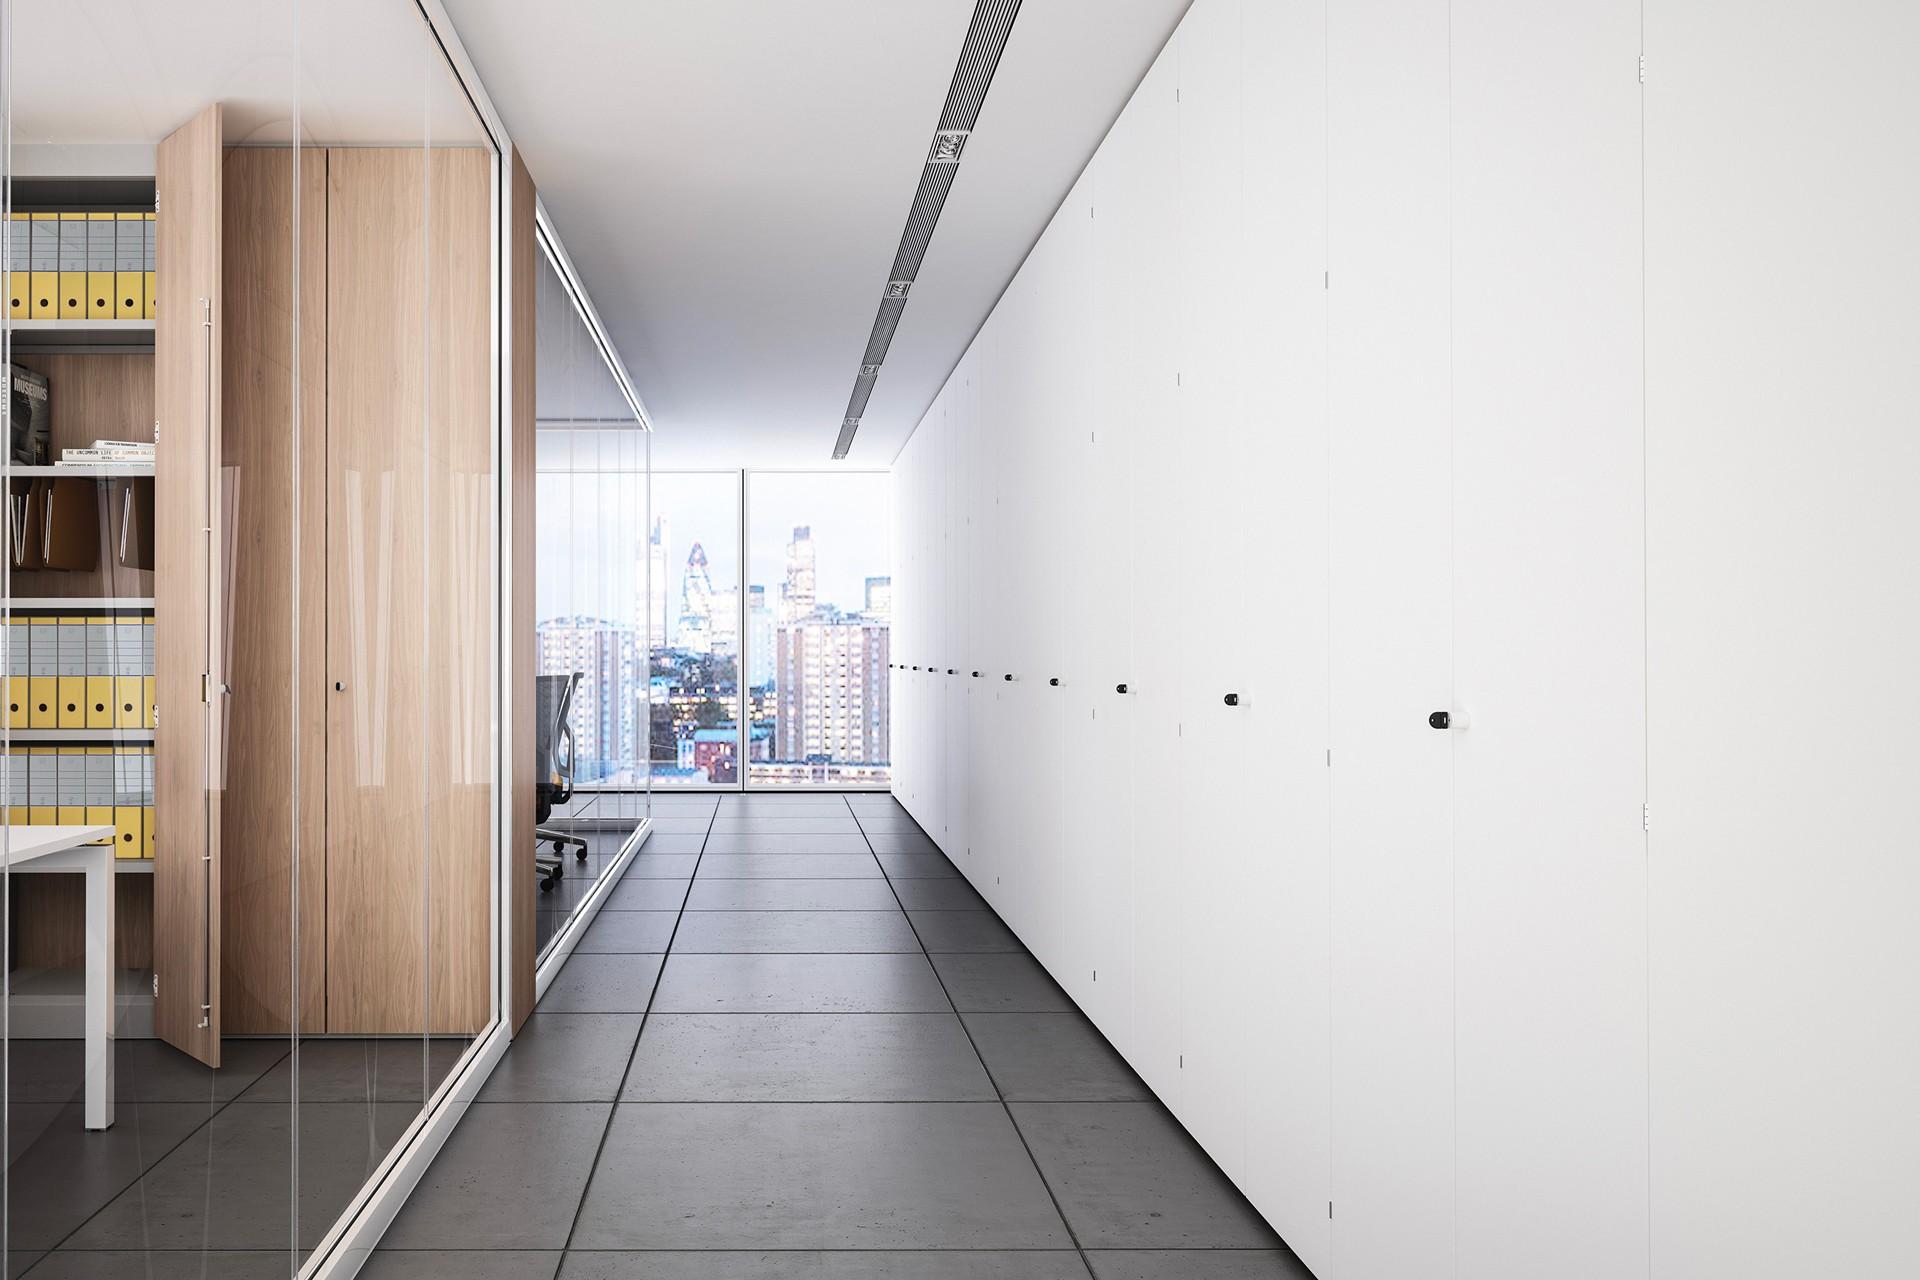 Pareti Fotografie : Pareti attrezzate ufficio progettazione e produzione pareti